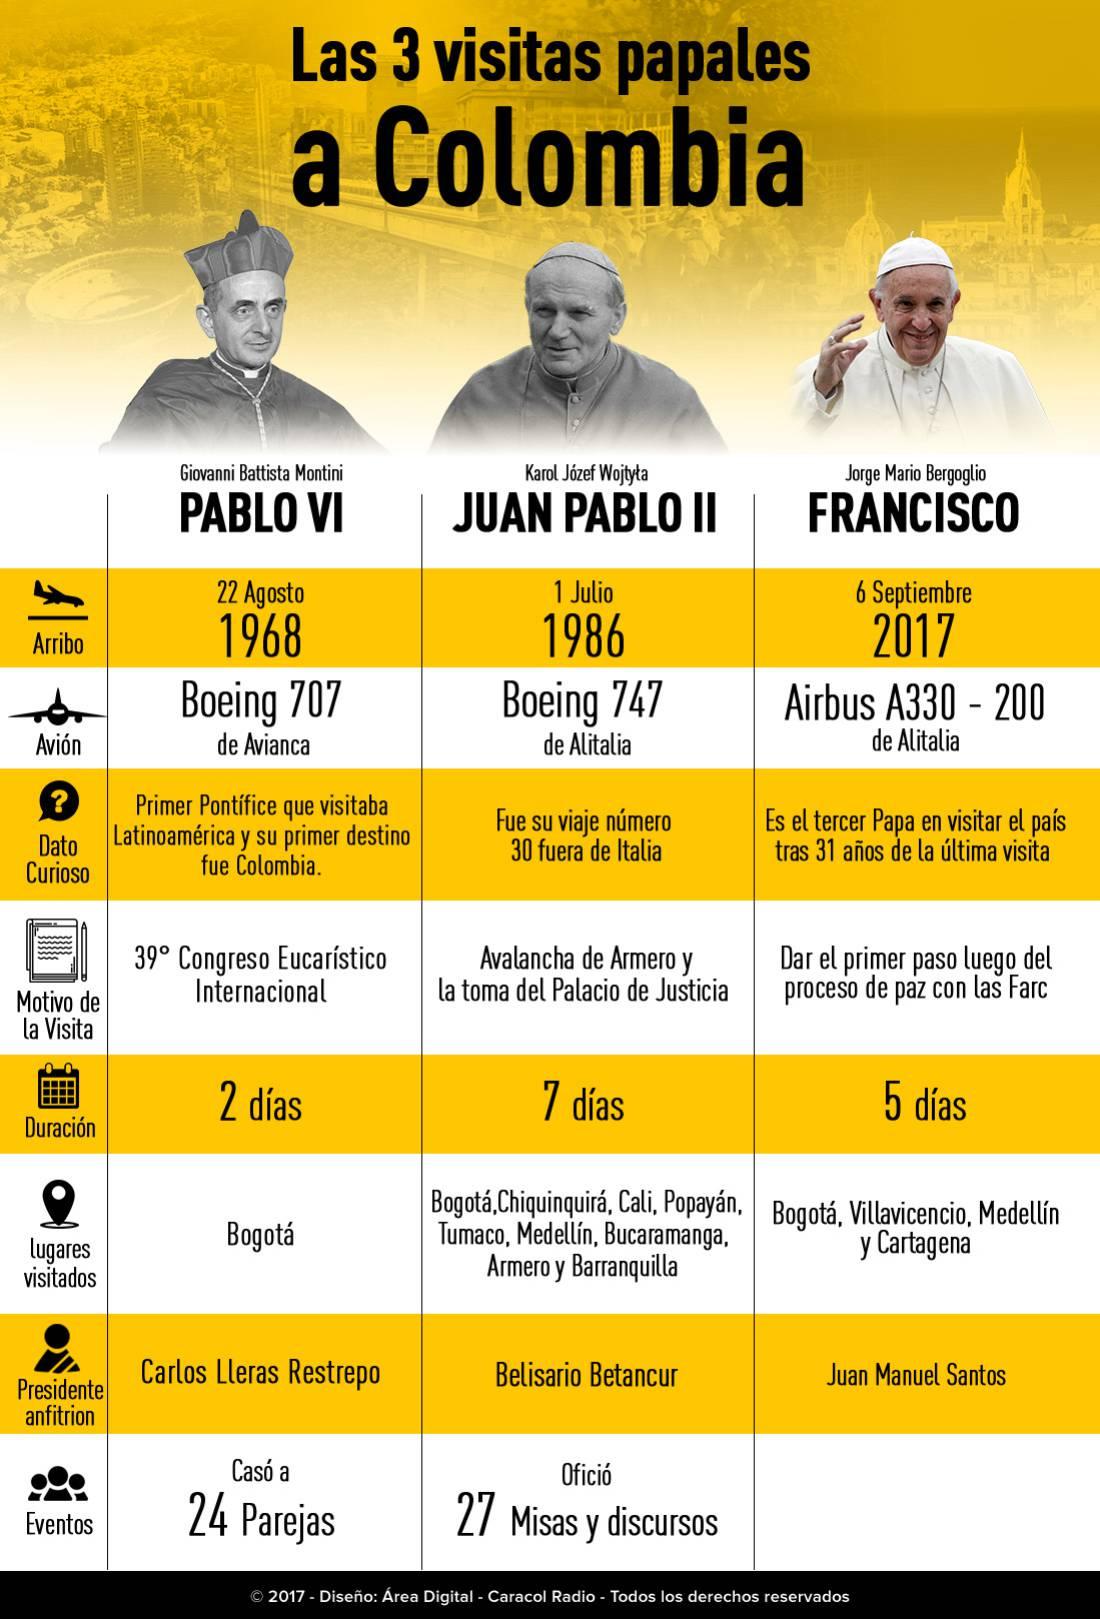 En vivo visita del papa Francisco a Colombia, datos curiosos de las visitas papales en Colombia,: 8 datos curiosos de las visitas papales en Colombia